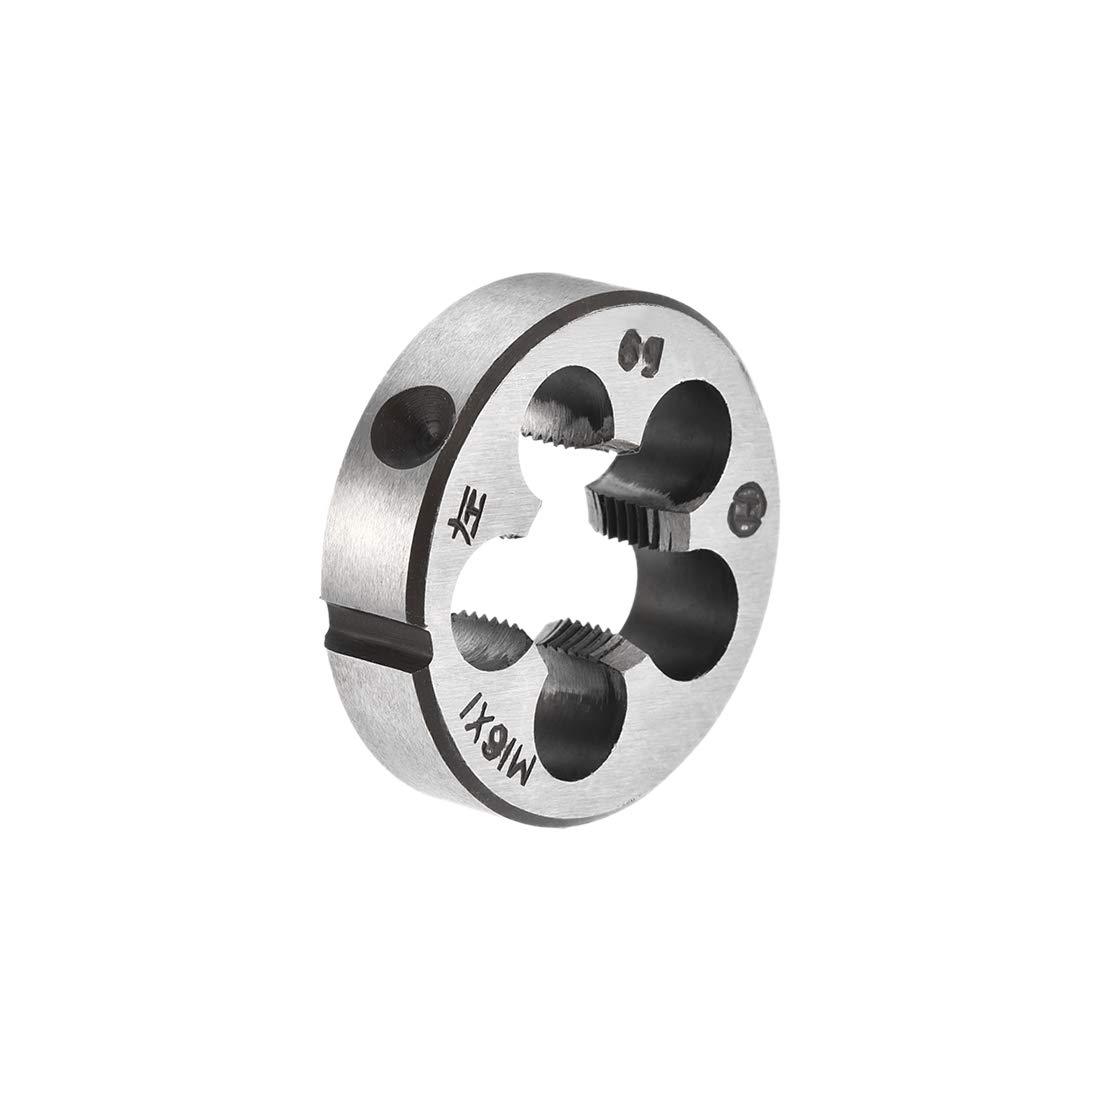 uxcell M14 X 1.5 Metric Round Die Machine Thread Left Hand Threading Die Alloy Tool Steel